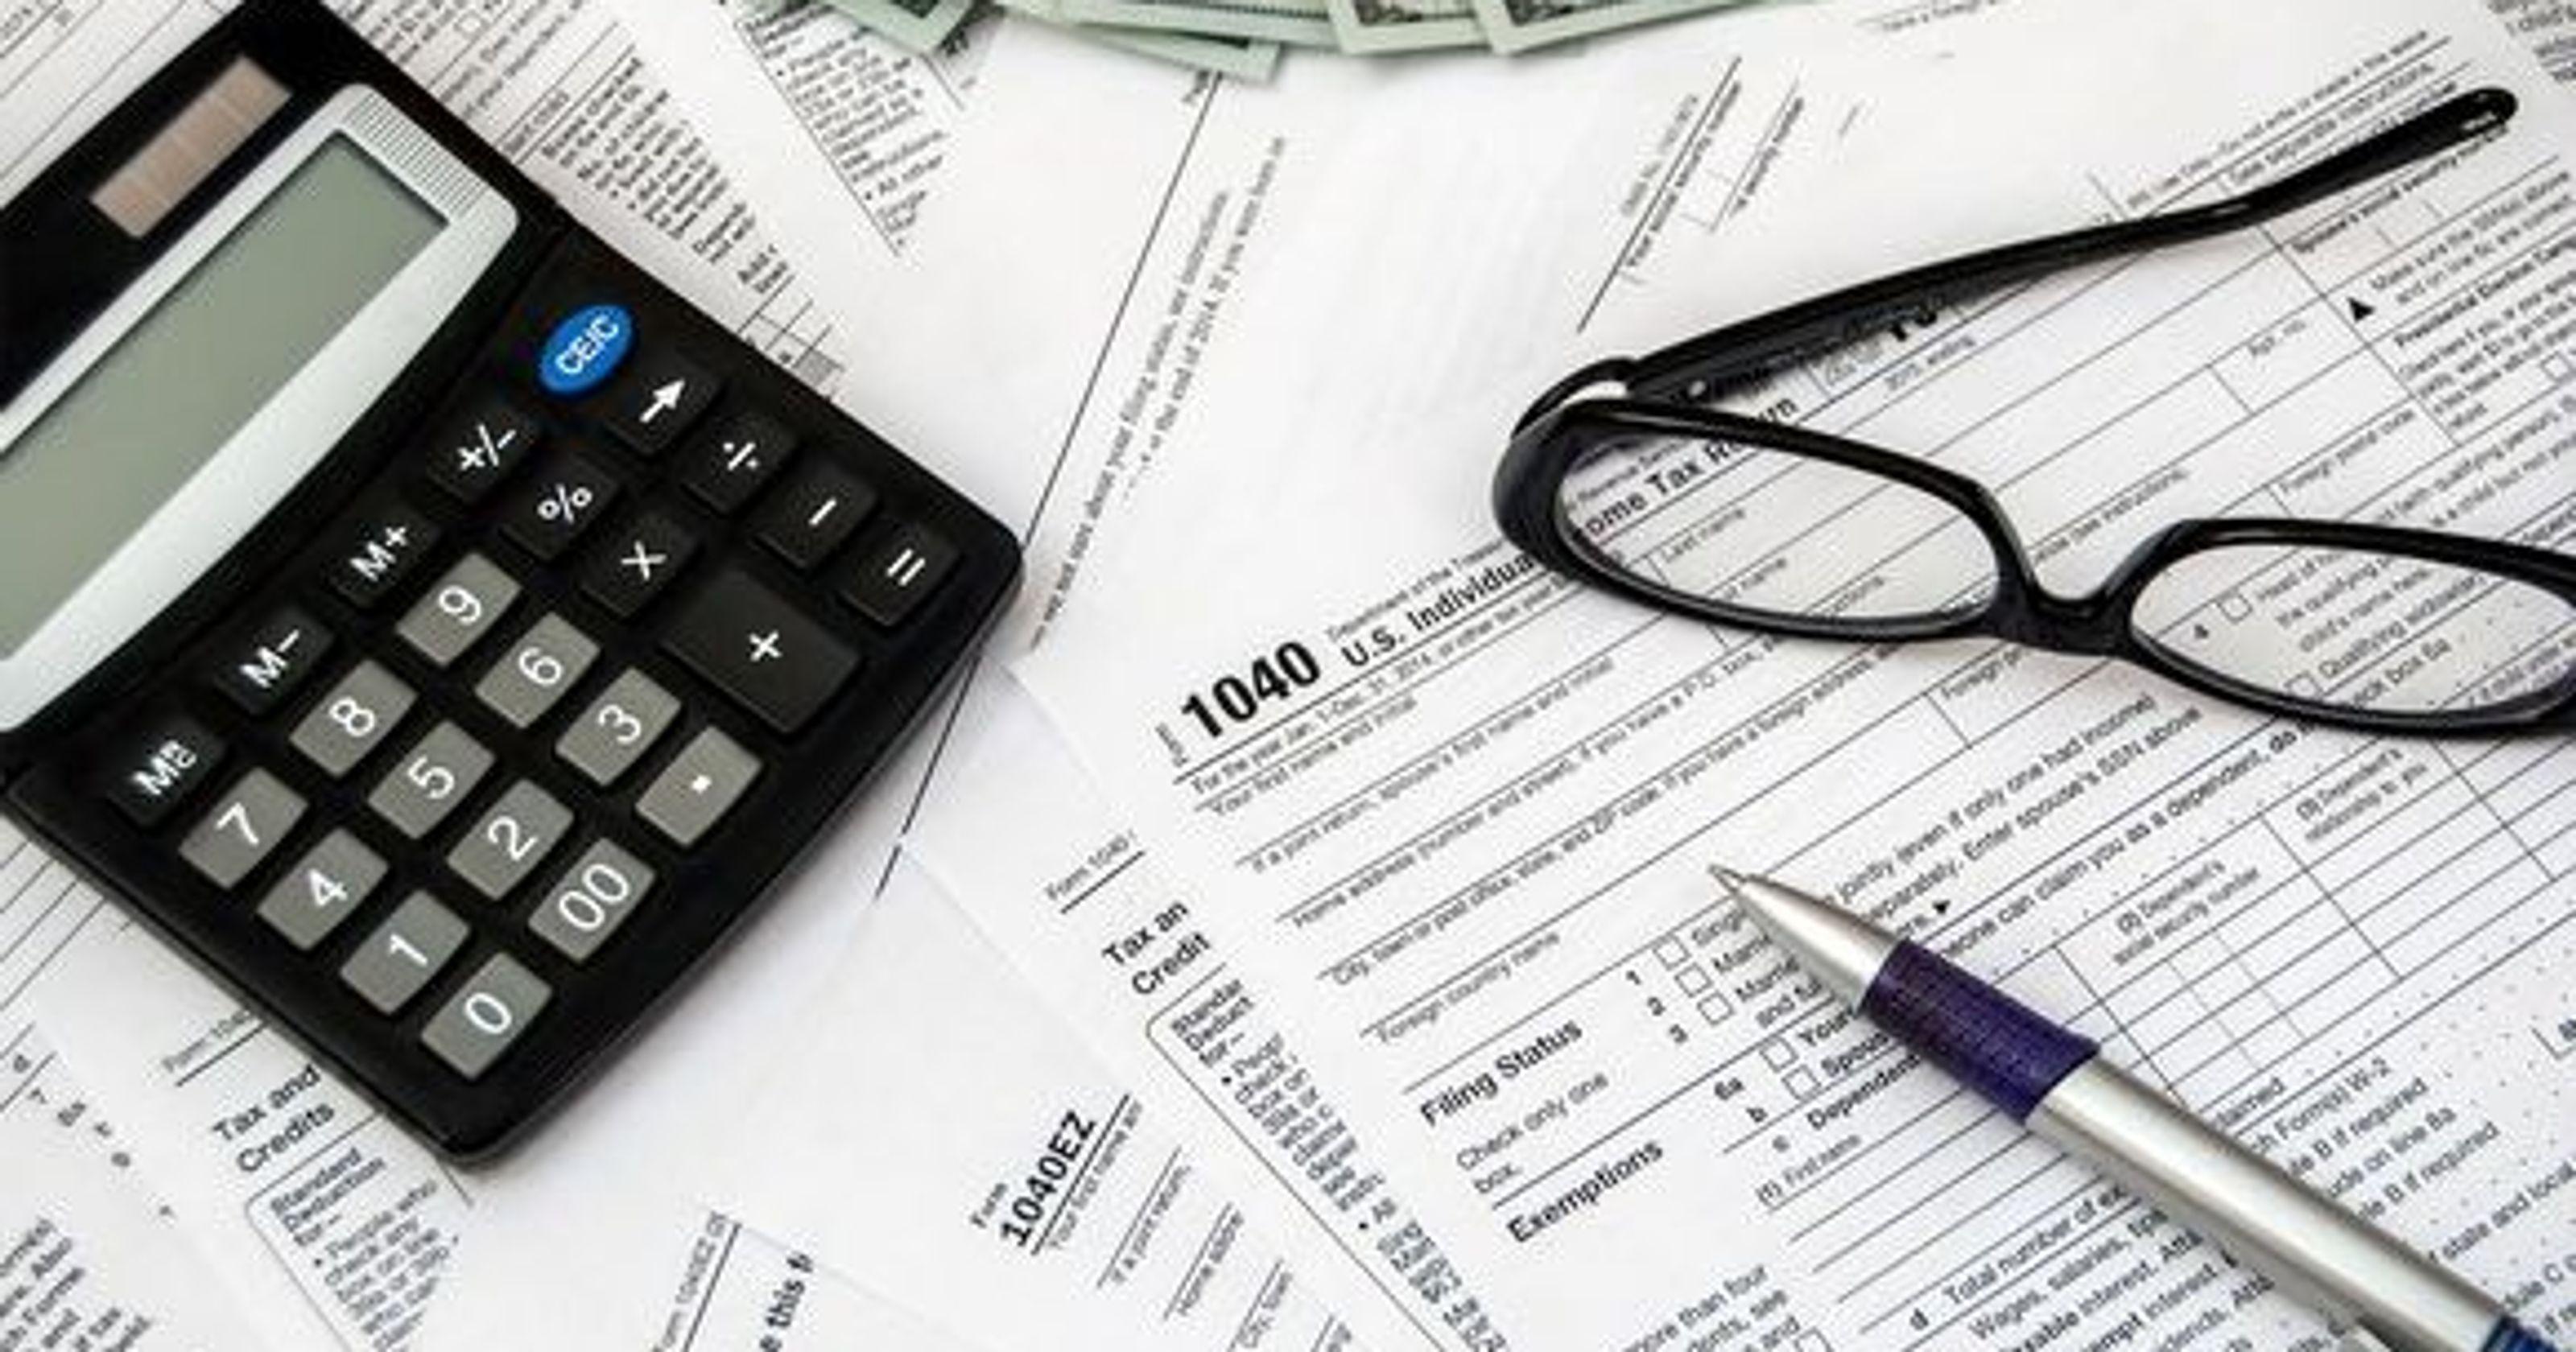 ماجرای مالیات حقوق کارکنان در سال آینده چیست؟